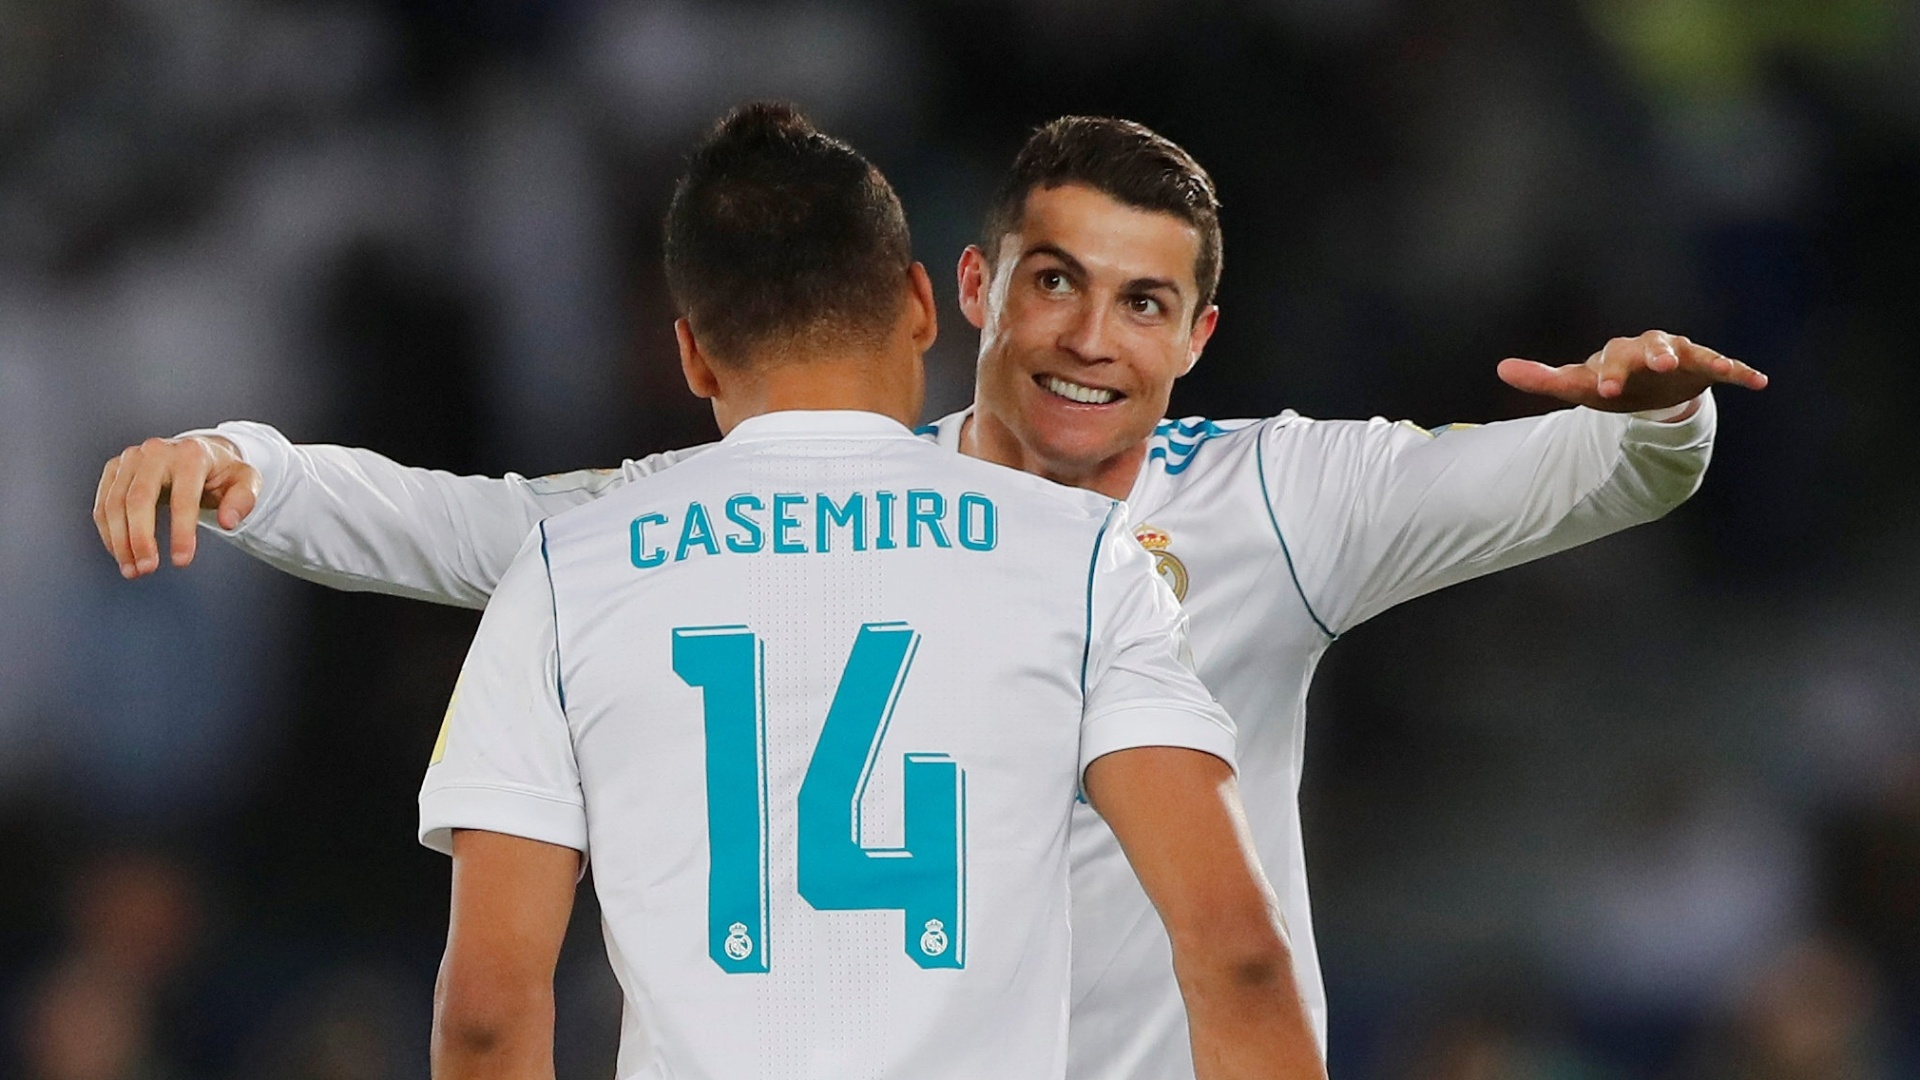 Real Madrid domina Grêmio e é hexa mundial com gol de Cristiano Ronaldo -  16 12 2017 - UOL Esporte 9e72240b7be70